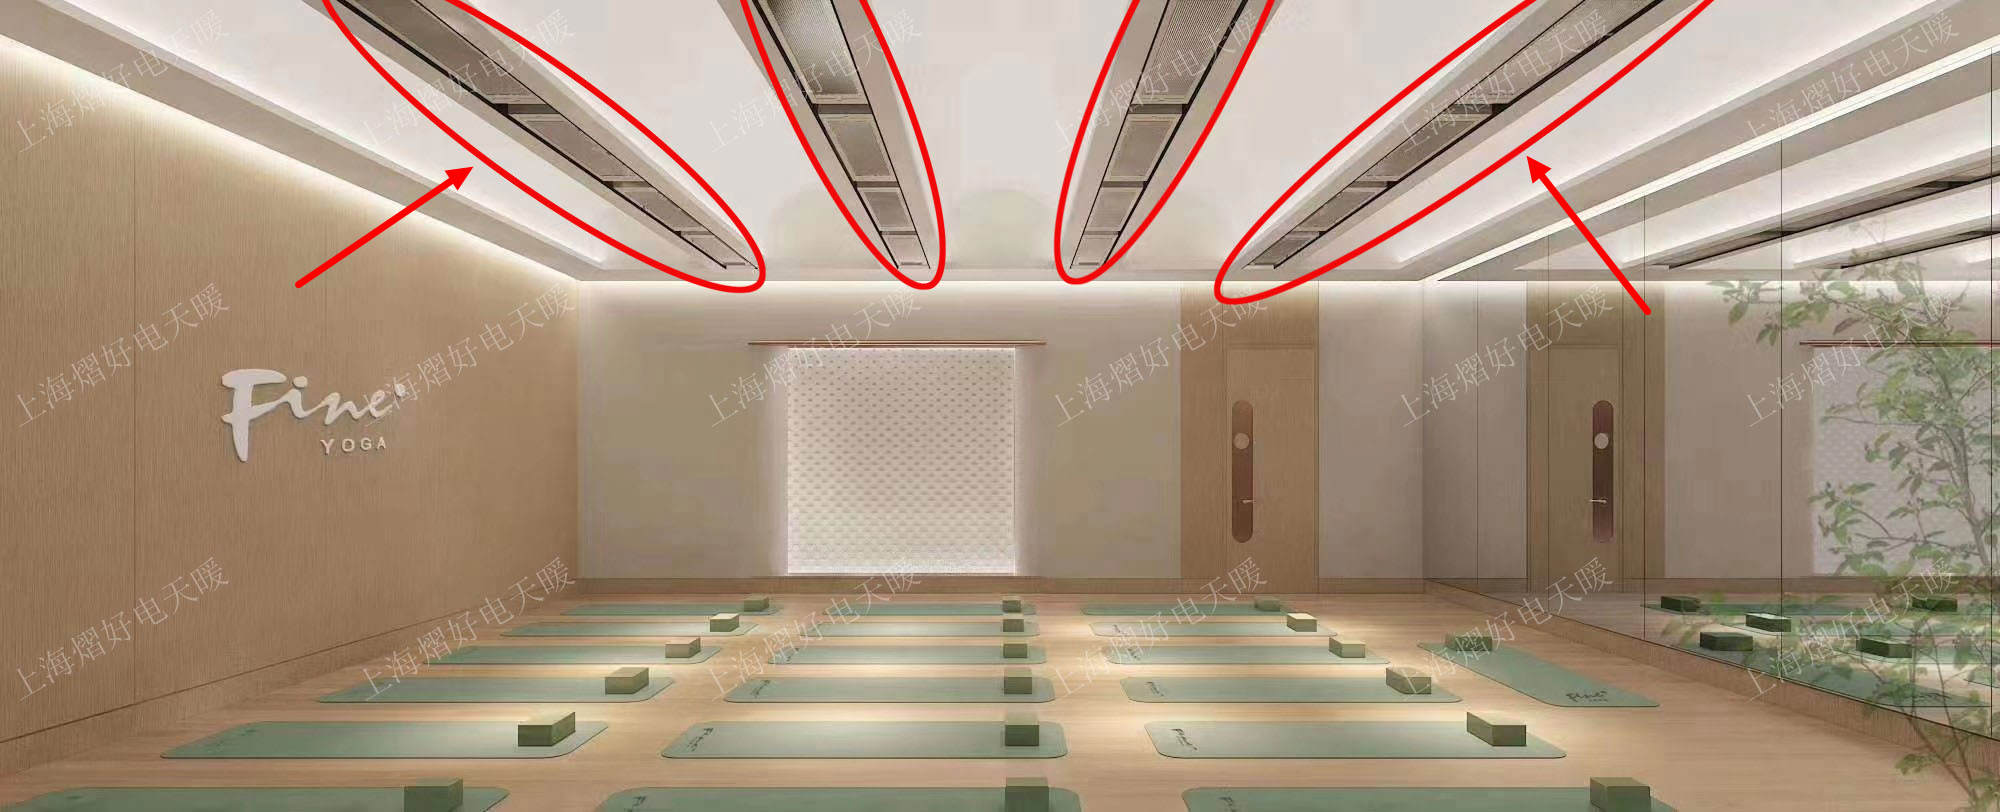 高温瑜伽电取暖 远红外加热器 瑜伽馆